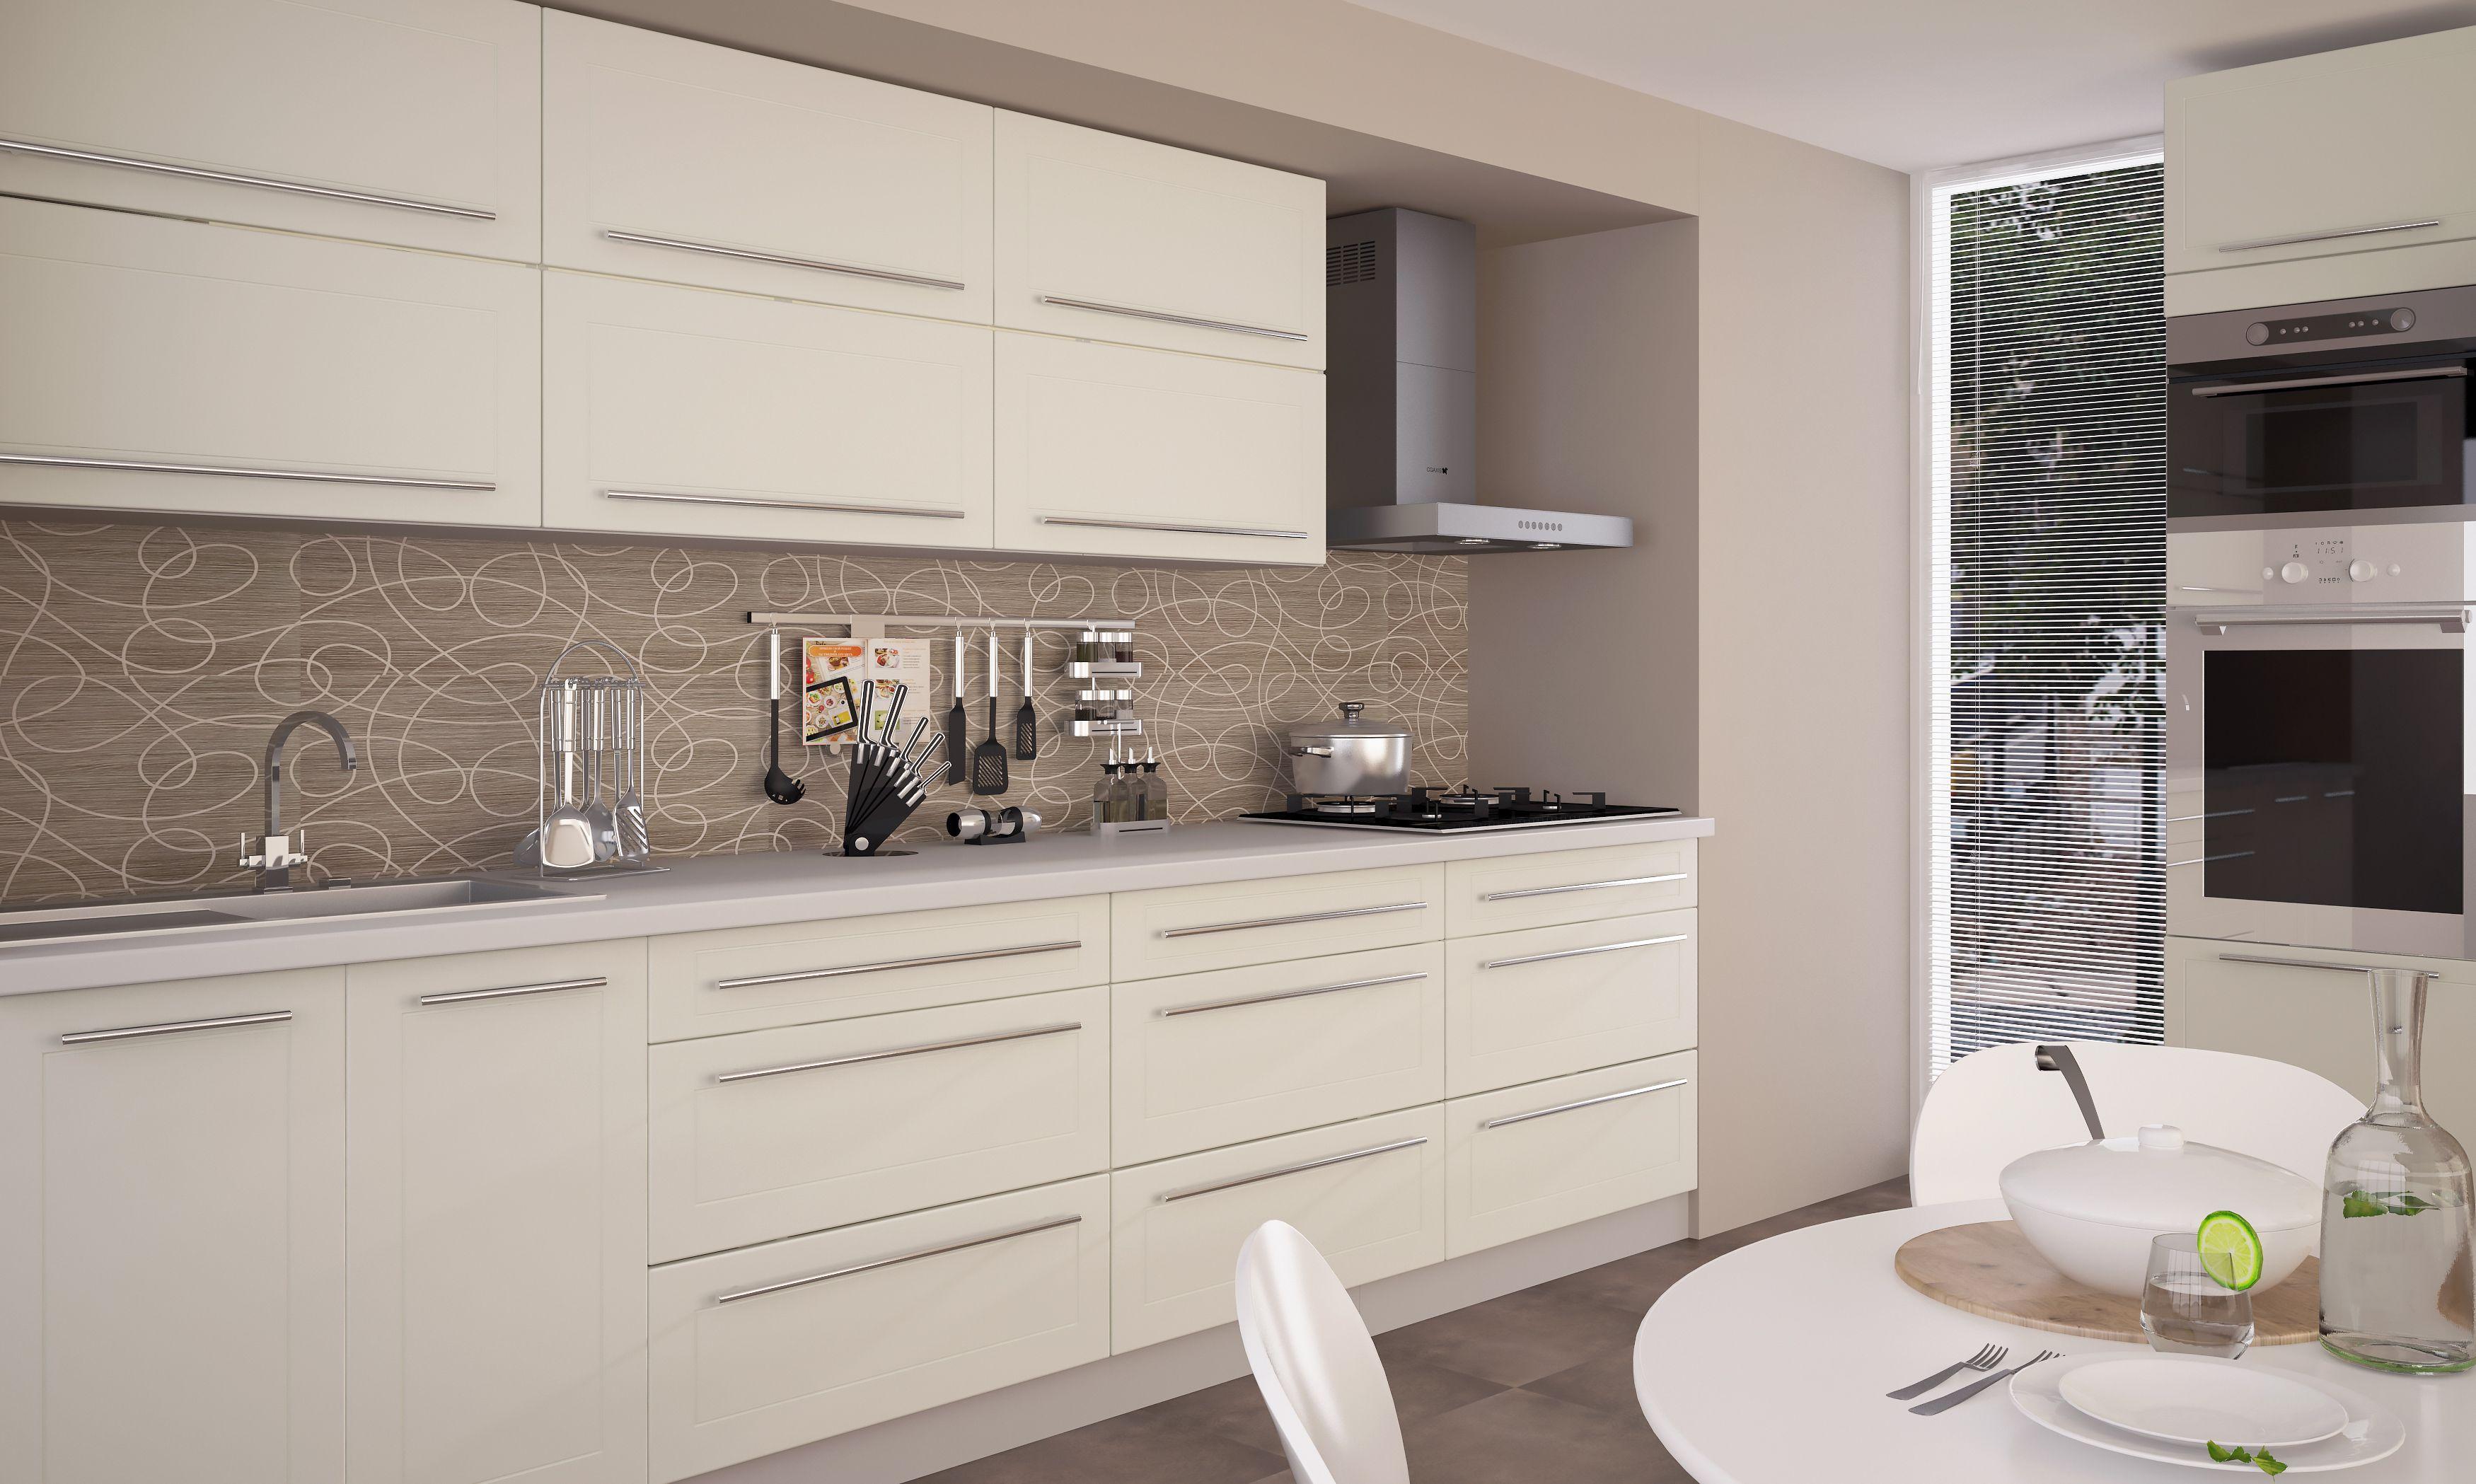 Küchenzeile 2,60+0,60, mit Soft Close Funktion,inkl